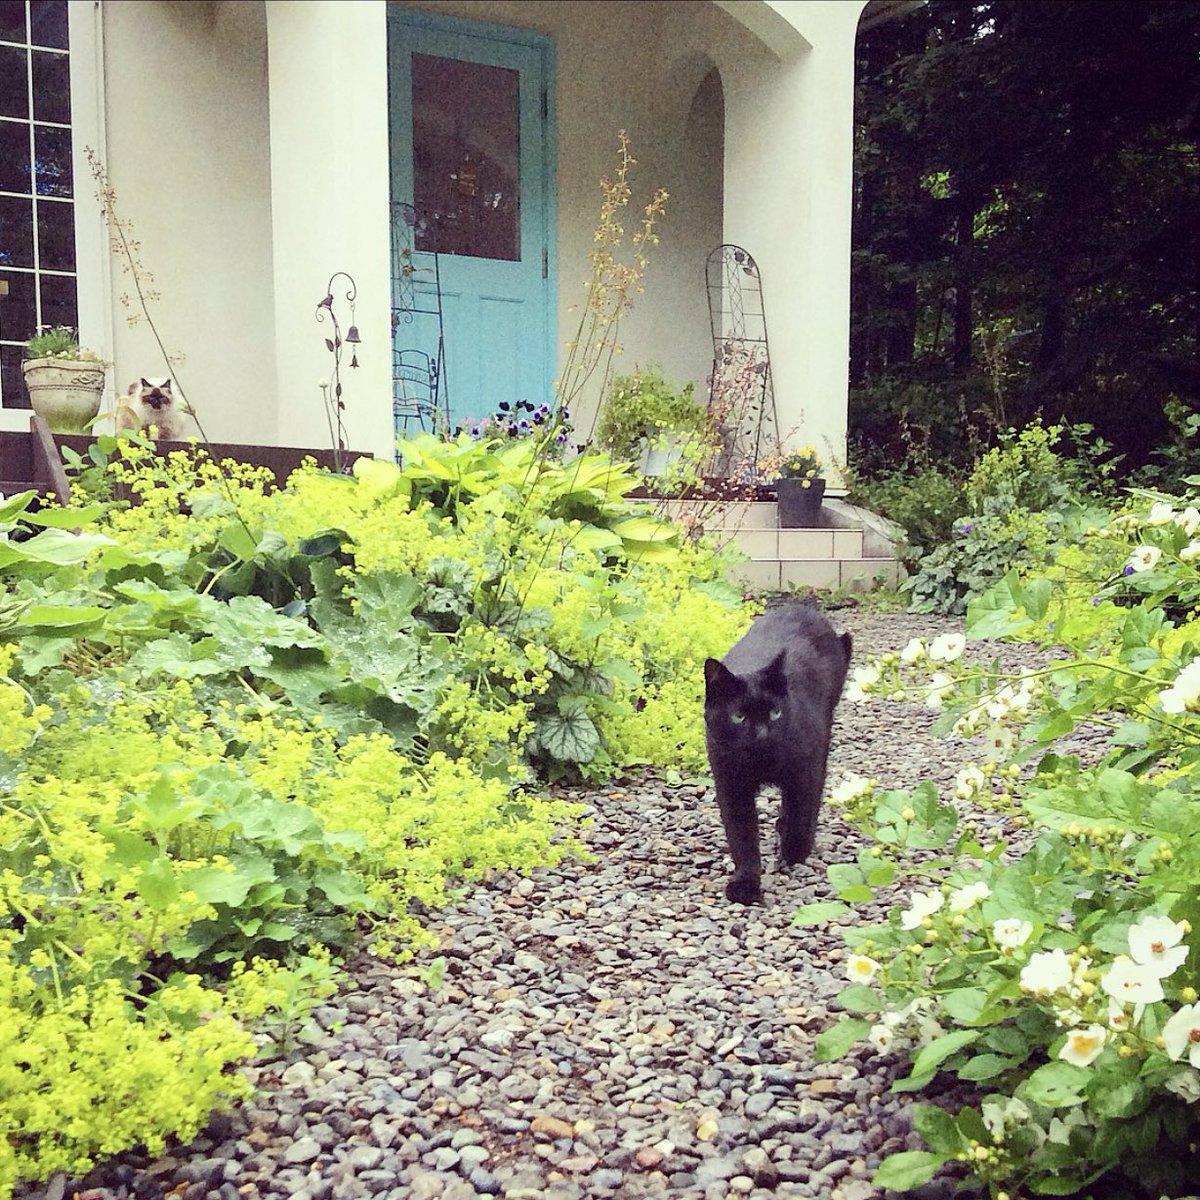 久しぶりのお天気でした。久しぶりにお庭でお昼寝して、遊んで、長い時間を過ごした猫たち。特にビビはとてもとても嬉しそうでした。 (ノ*φдφ)ノたくさんたくさんお外をはしりましたっ!!